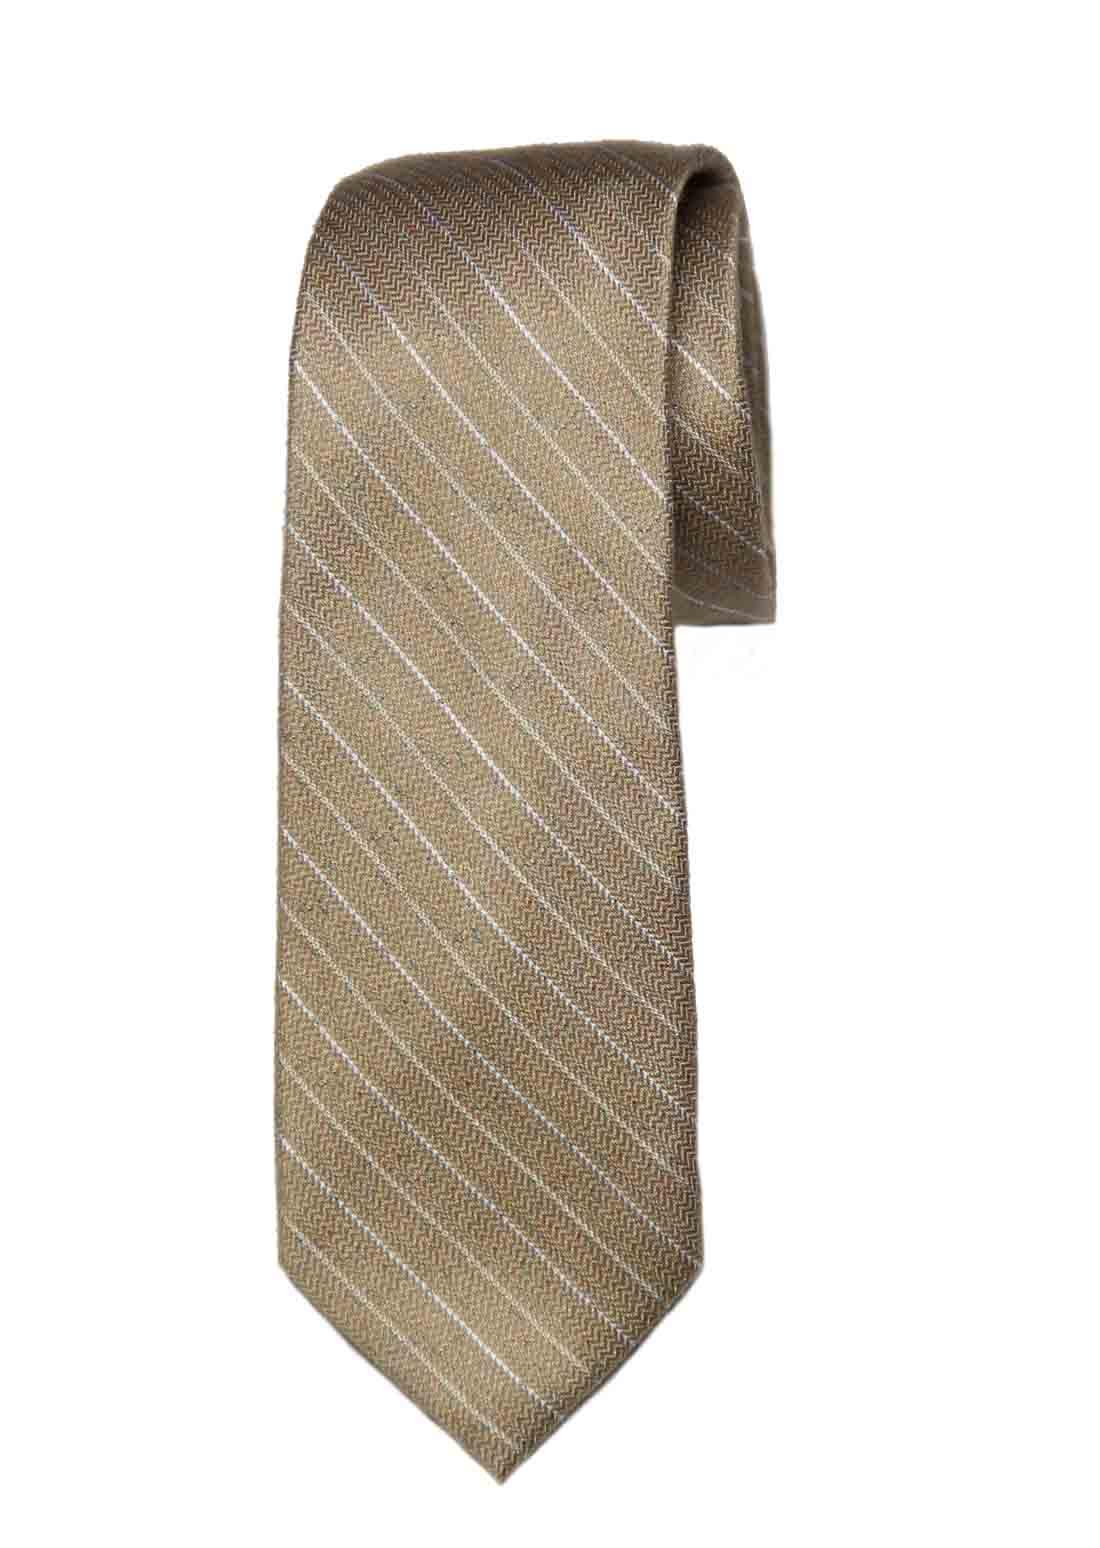 Ben Sherman Tie Tan White Striped Silk Cotton Men's Narrow